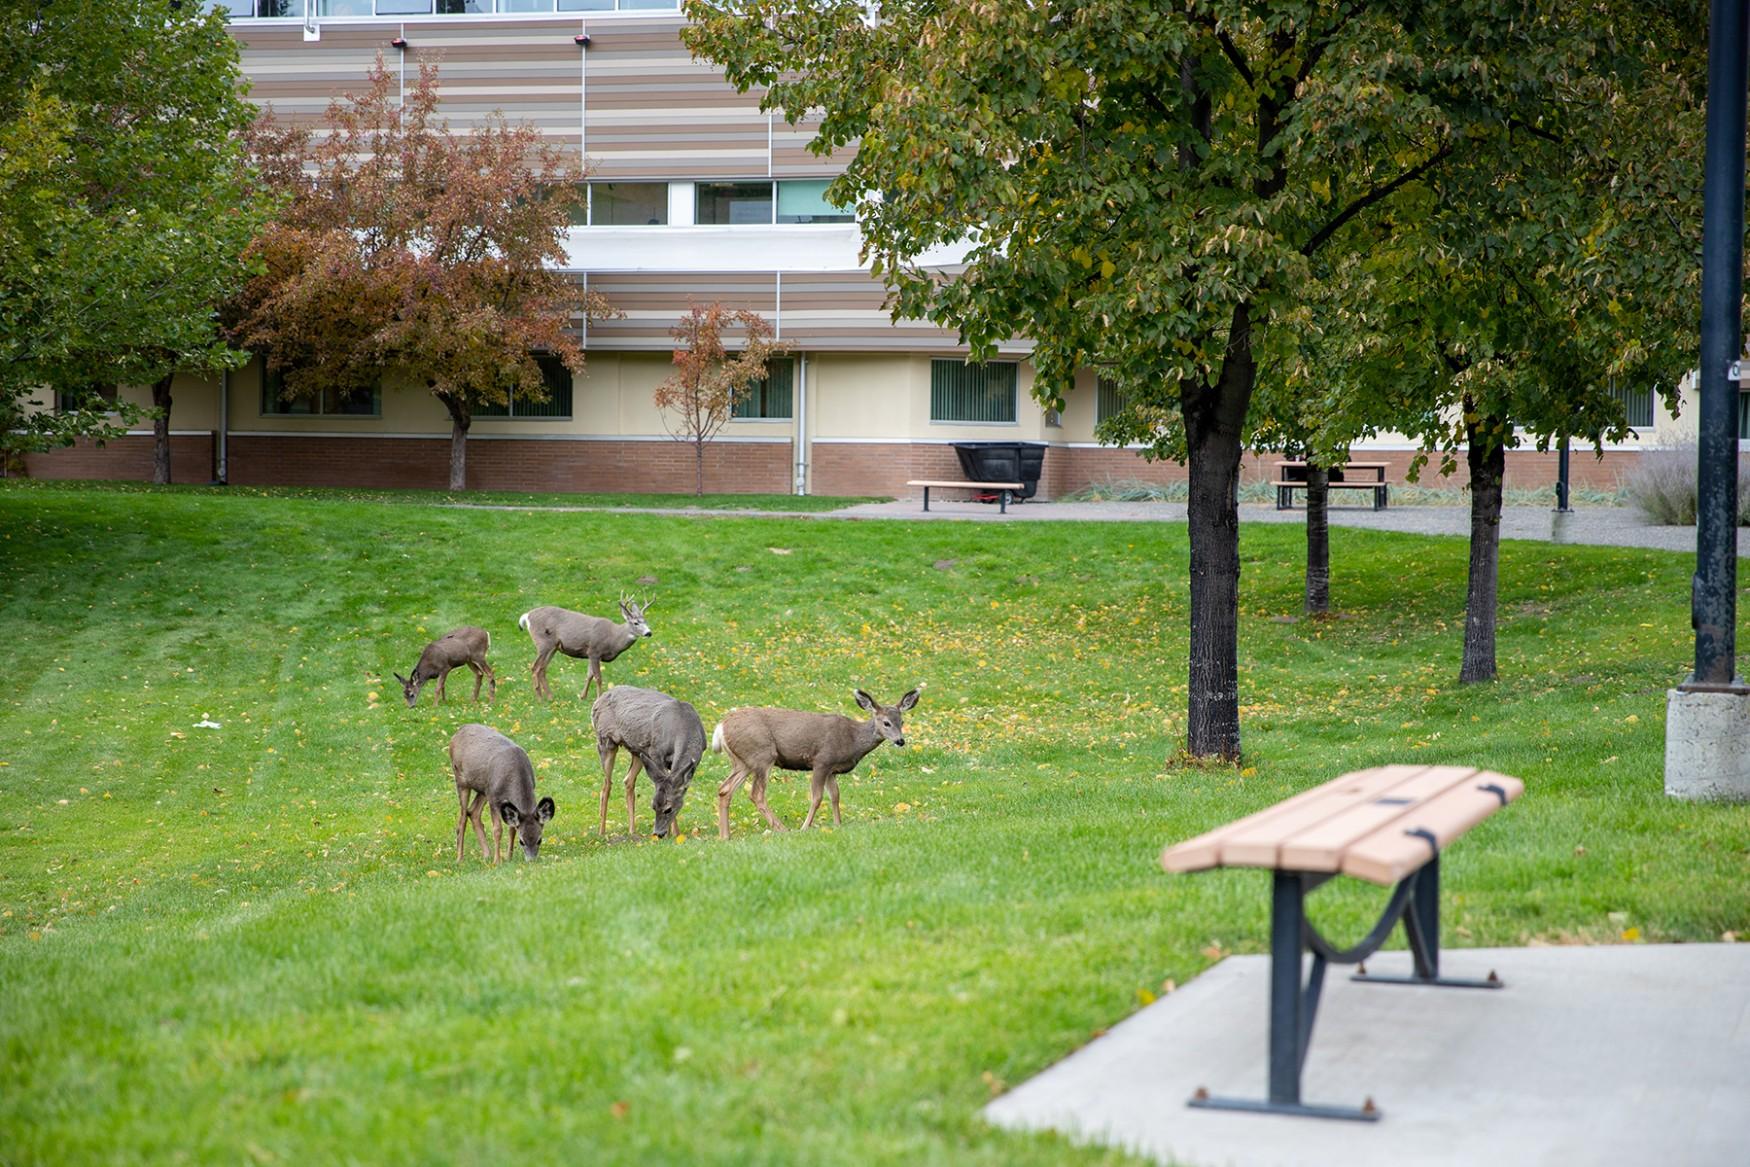 deer on campus